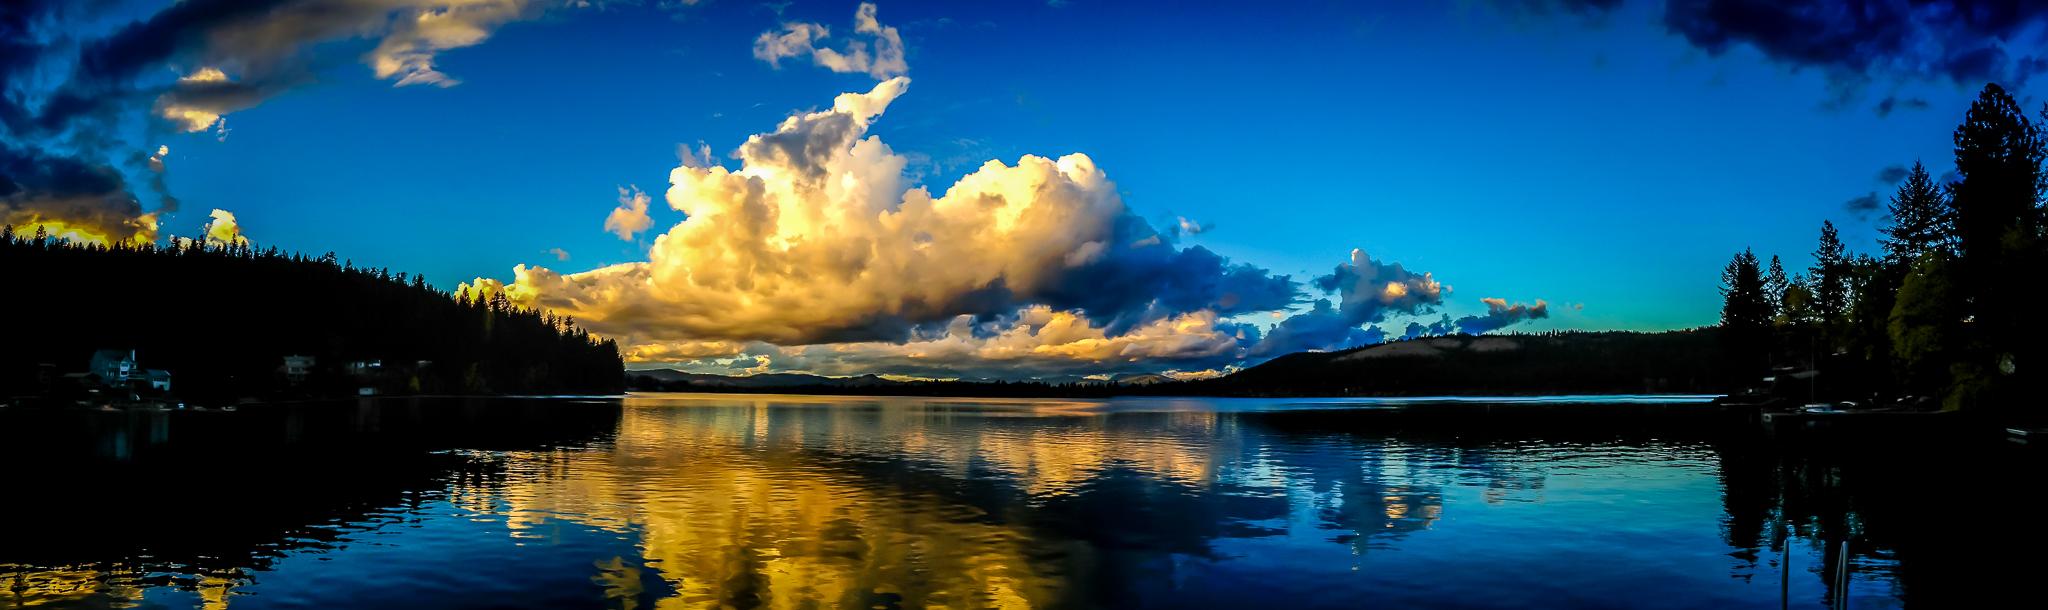 liberty-lake-wa-6135.jpg